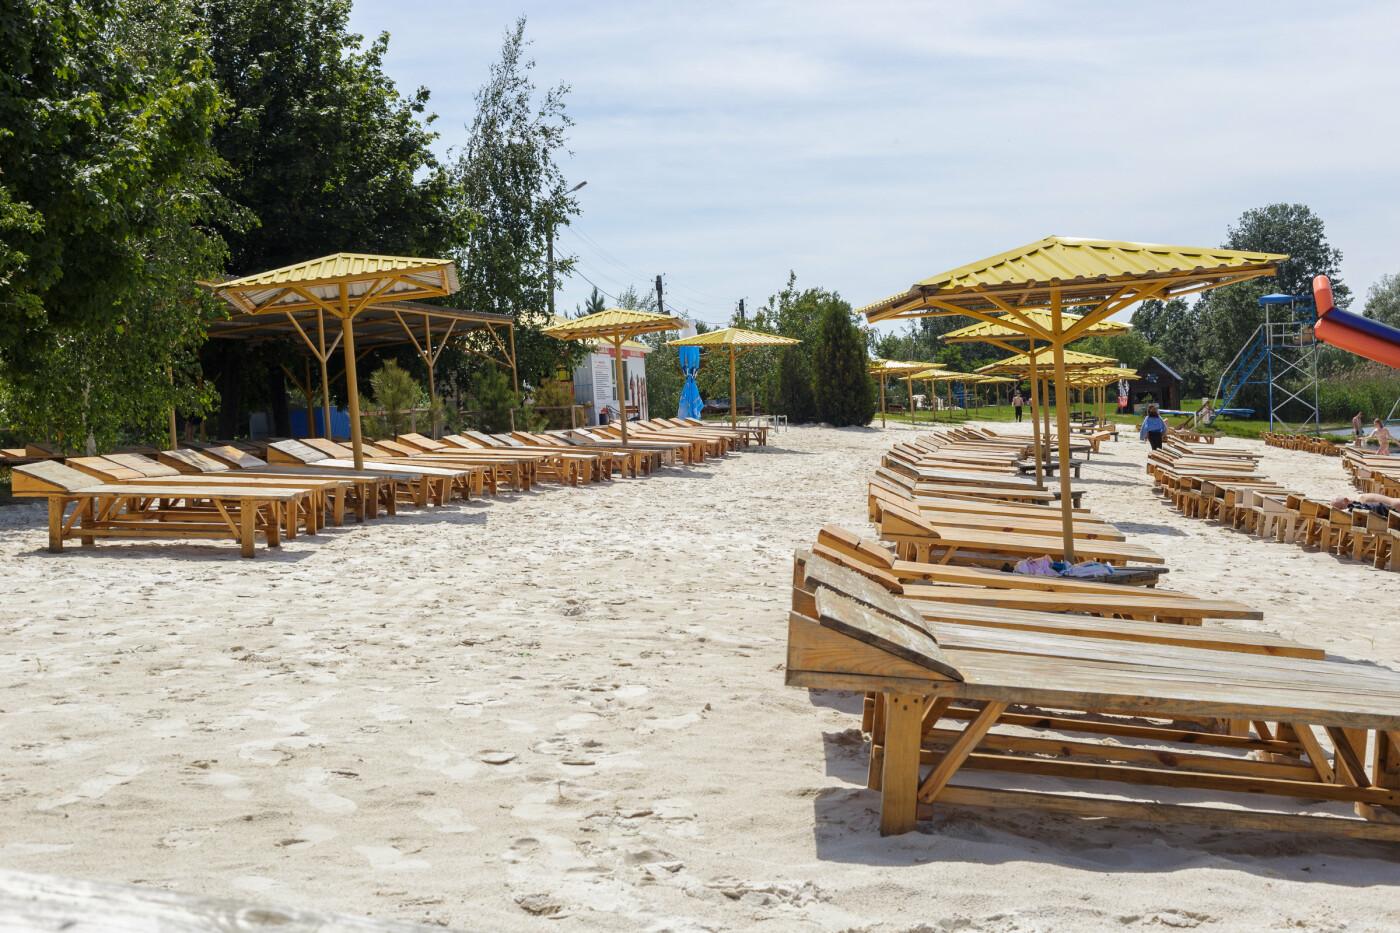 Отдых в городе - городские пляжи, летние площадки, детский отдых, фото-27